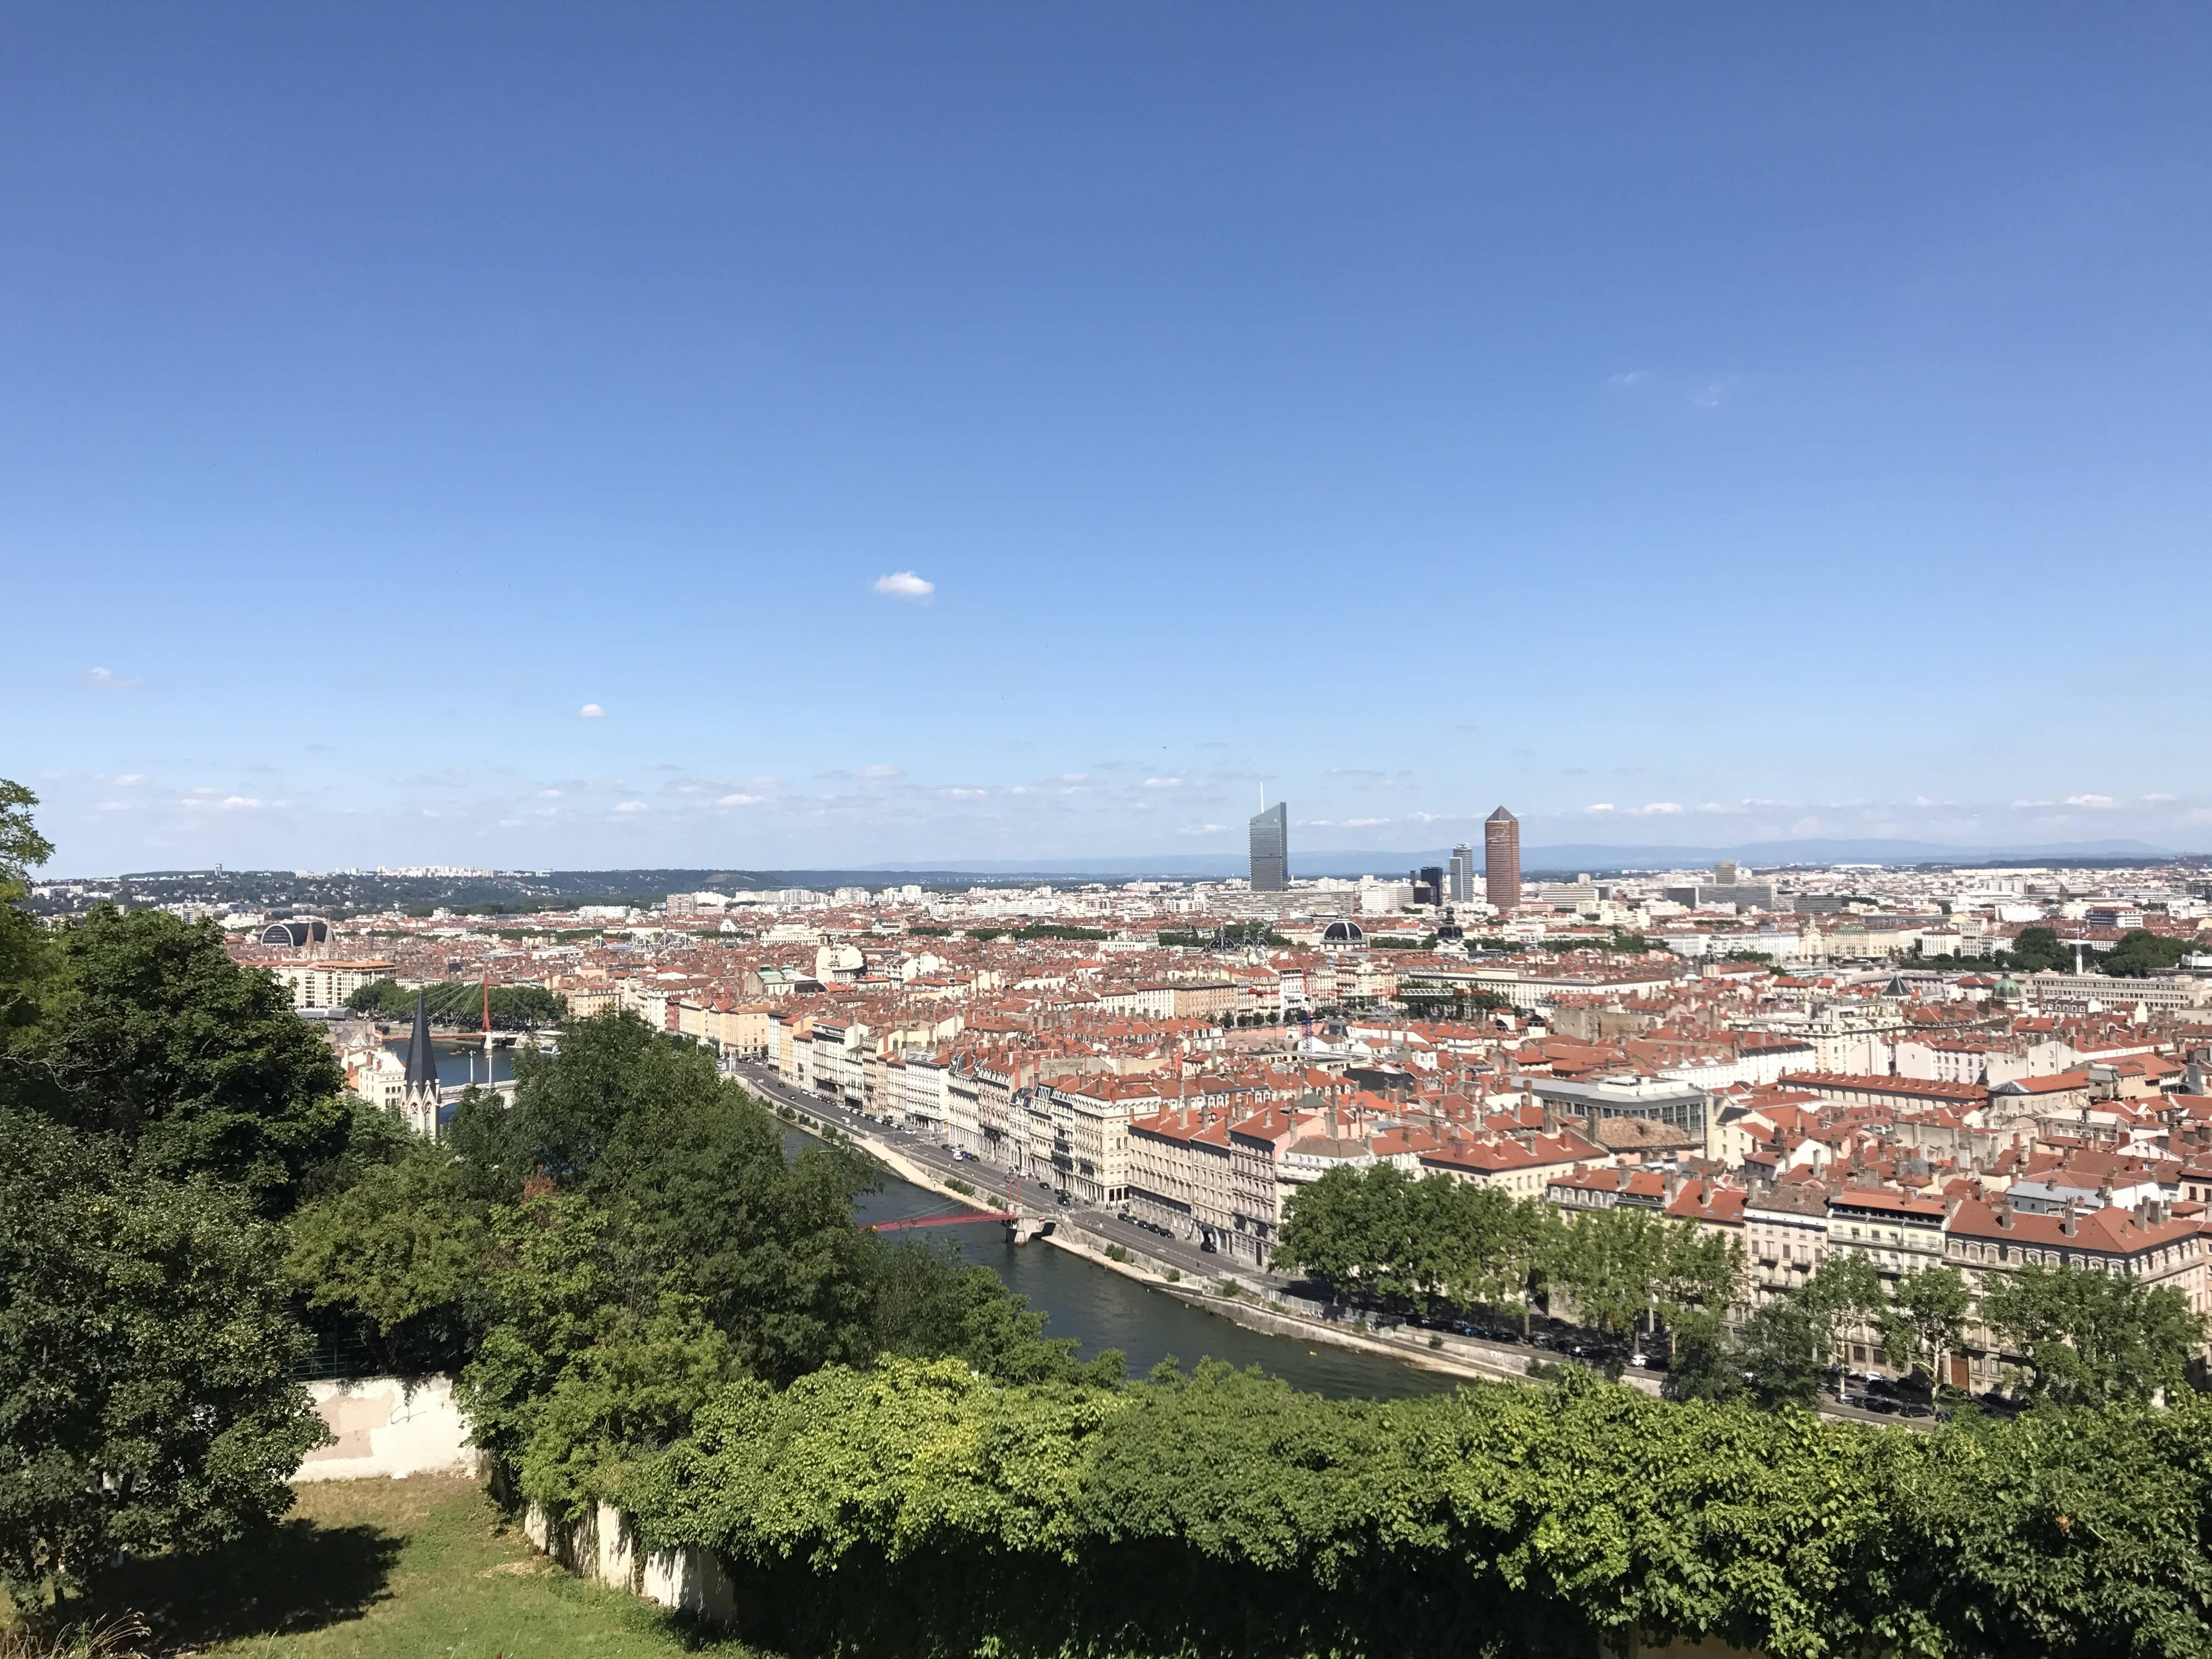 Photo 2: Le jardin des curiosités - une vue sur Lyon